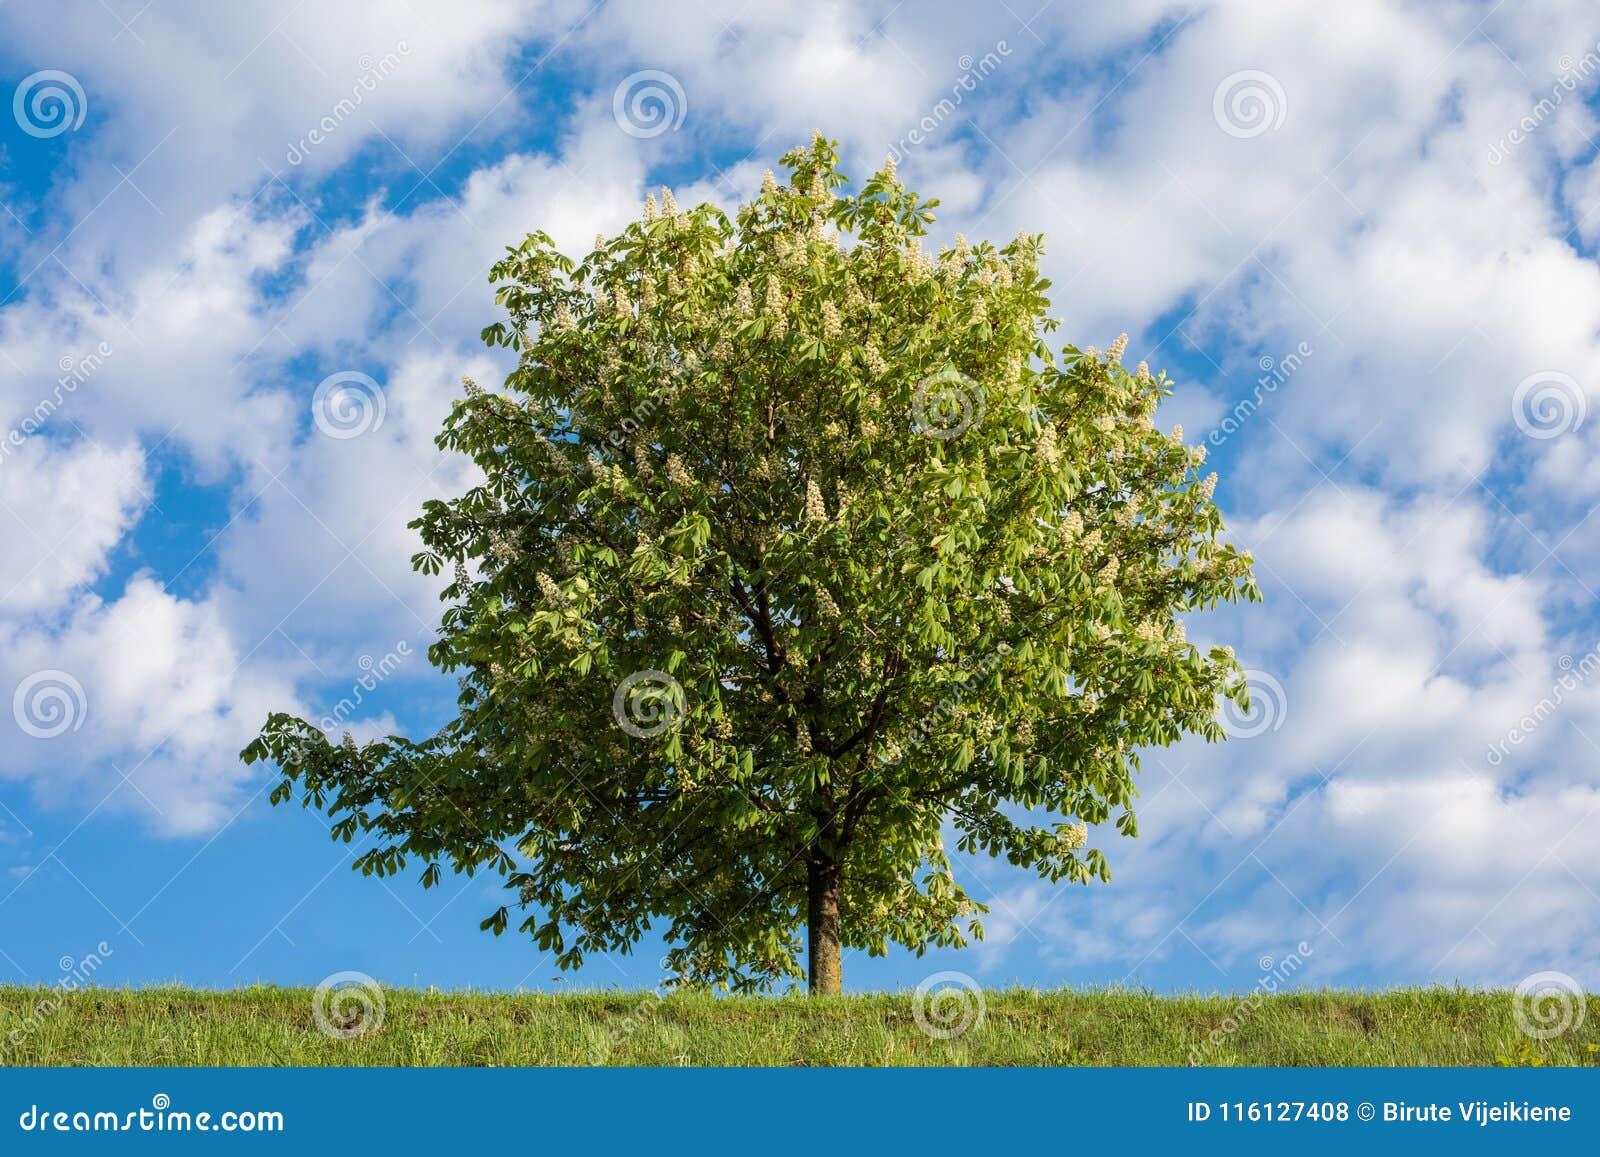 Häst-kastanj träd mot blå himmel